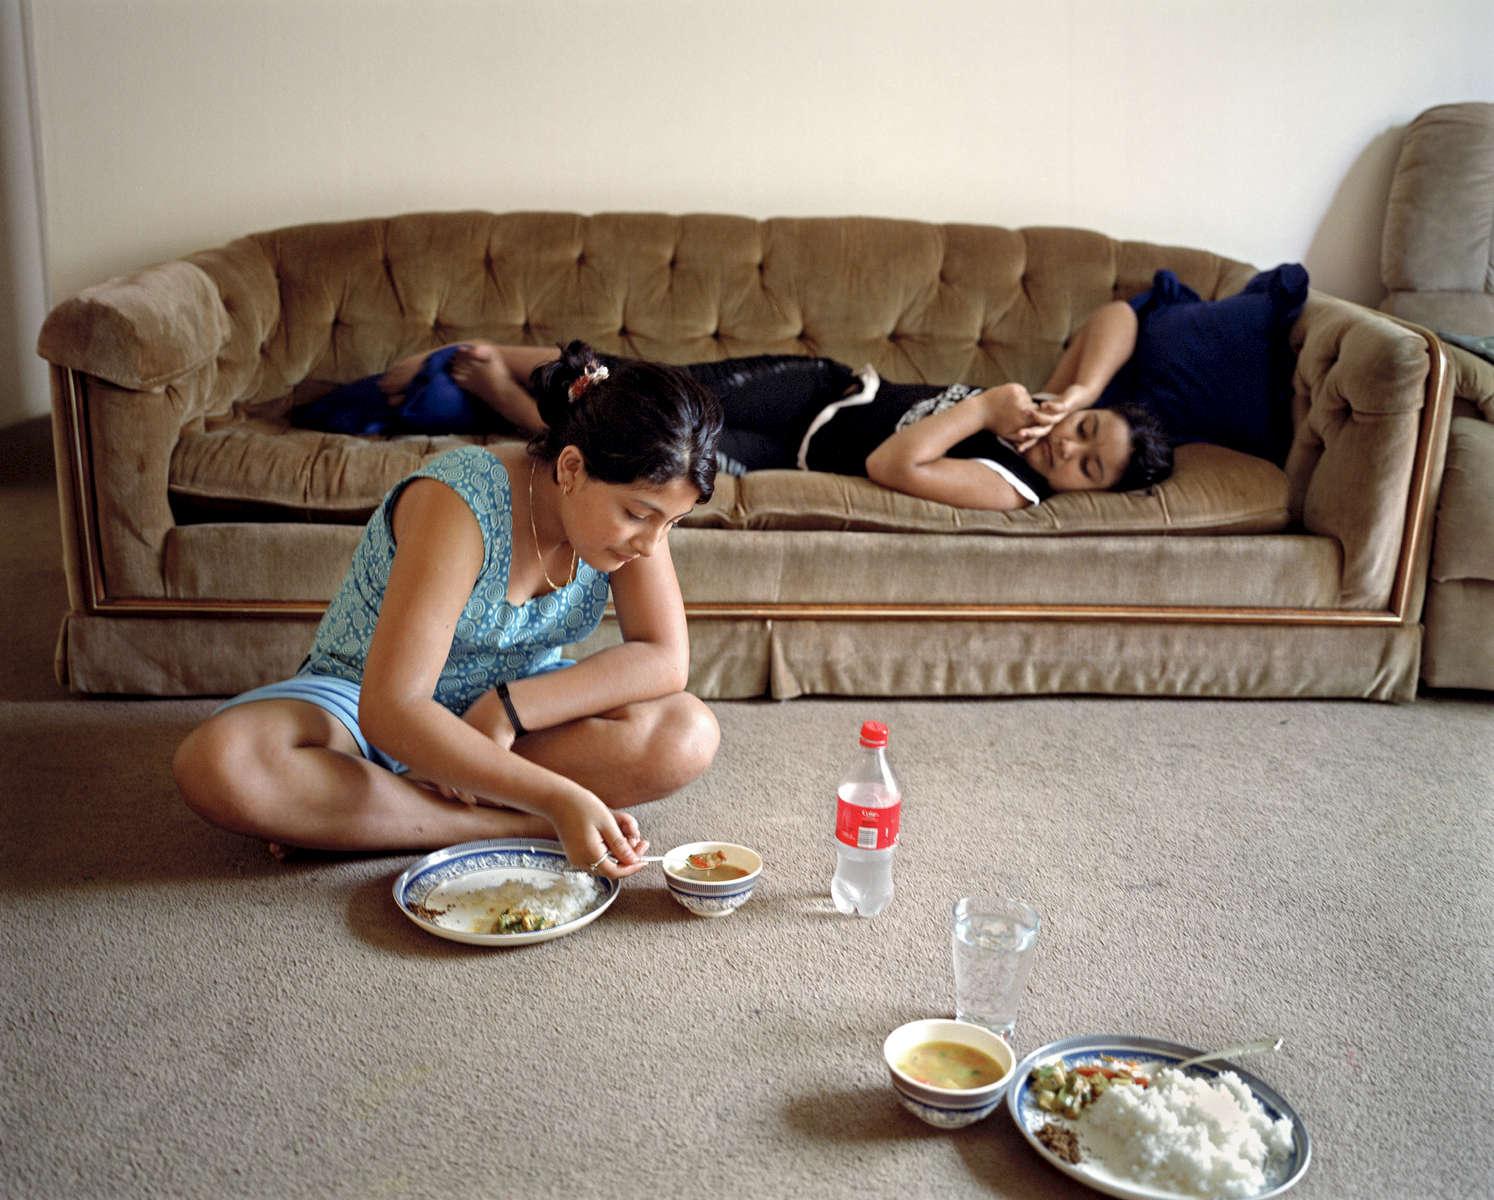 Bidhya et Rabina, dans leur nouvel appartement en train de manger un dal bhat, plan traditionnel Népalais. Dallas, Texas, Etats-Unis, 2009.